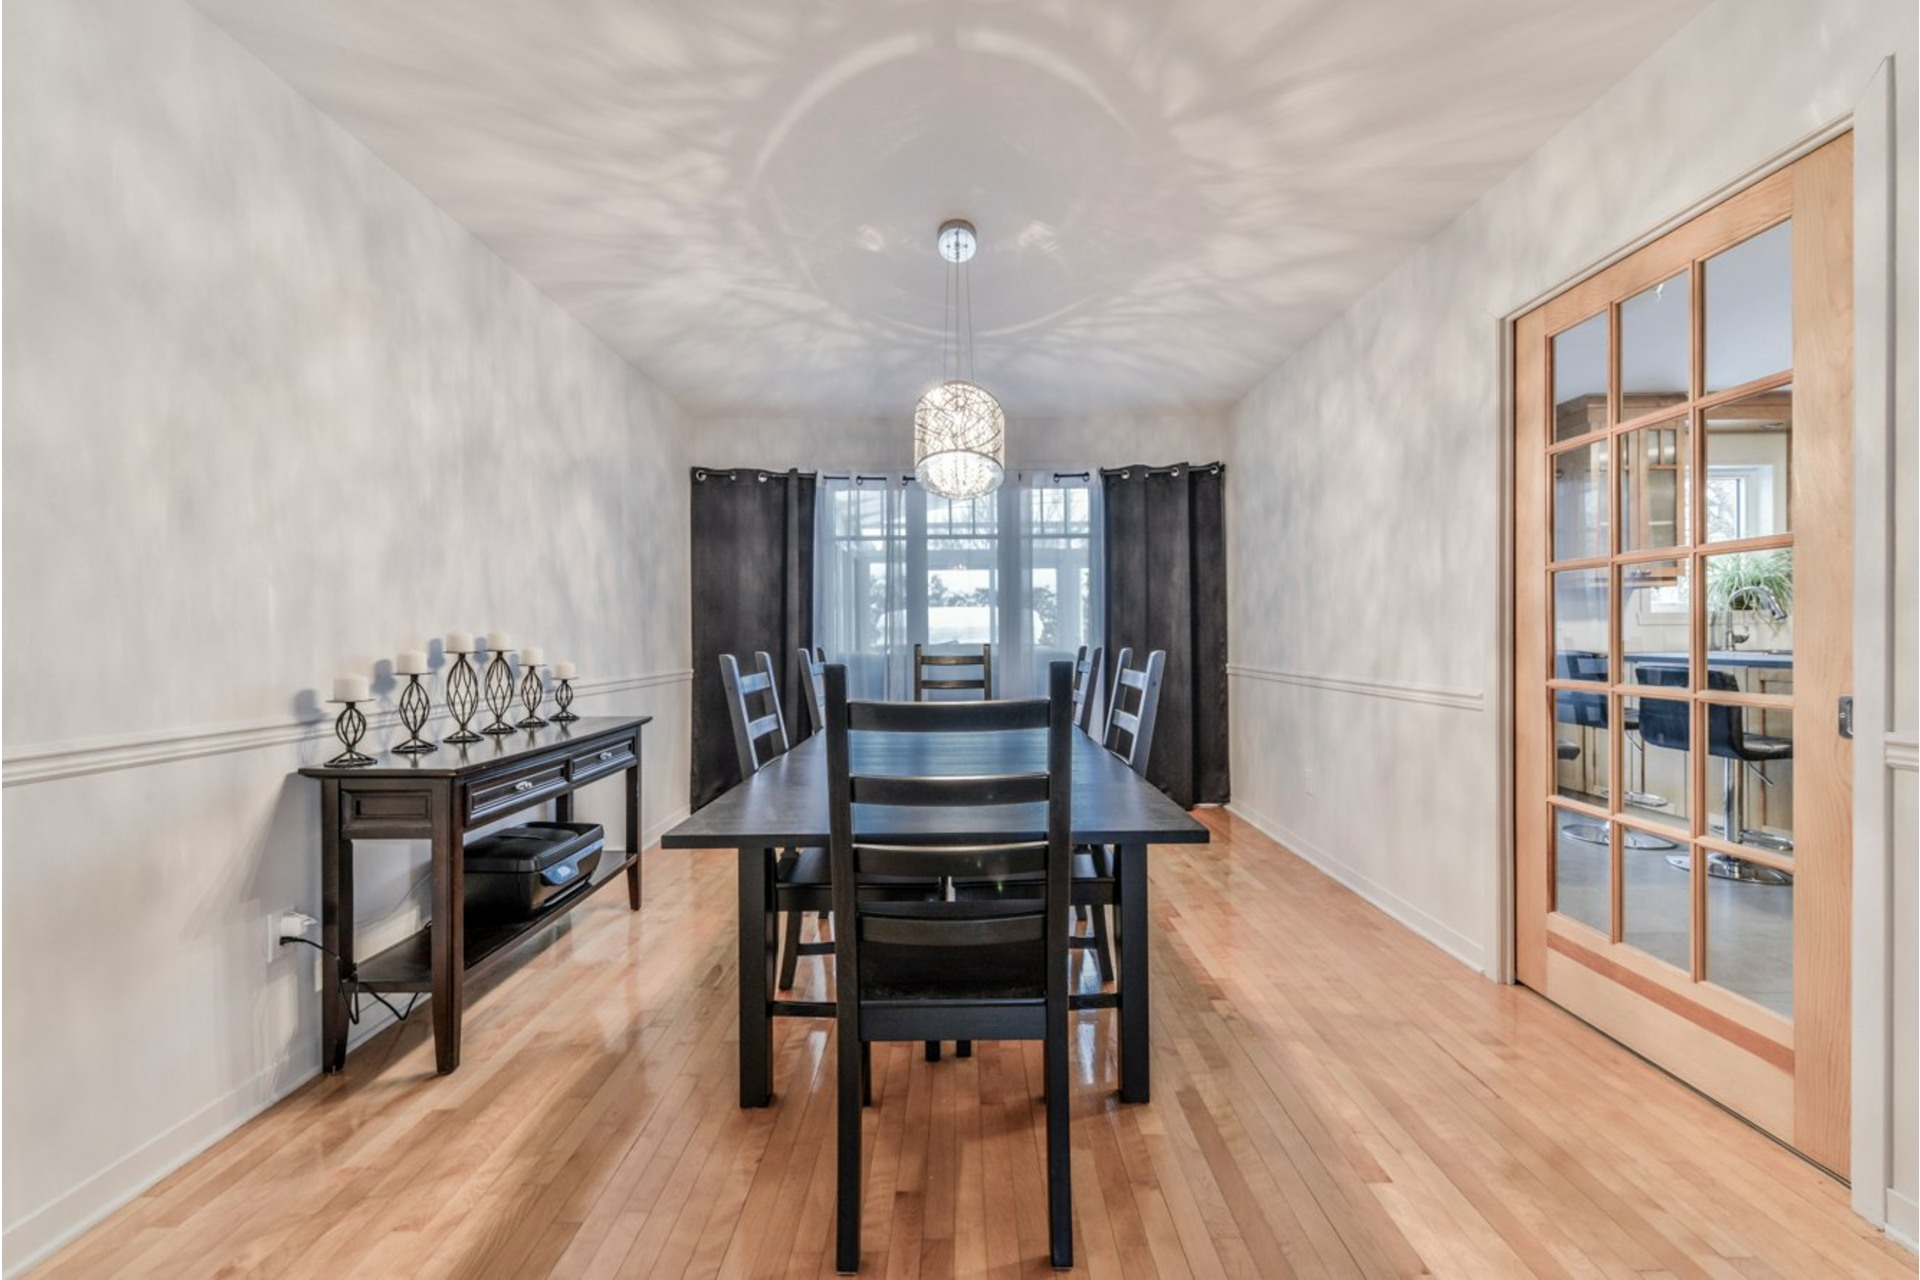 image 6 - Maison À vendre Brossard - 13 pièces